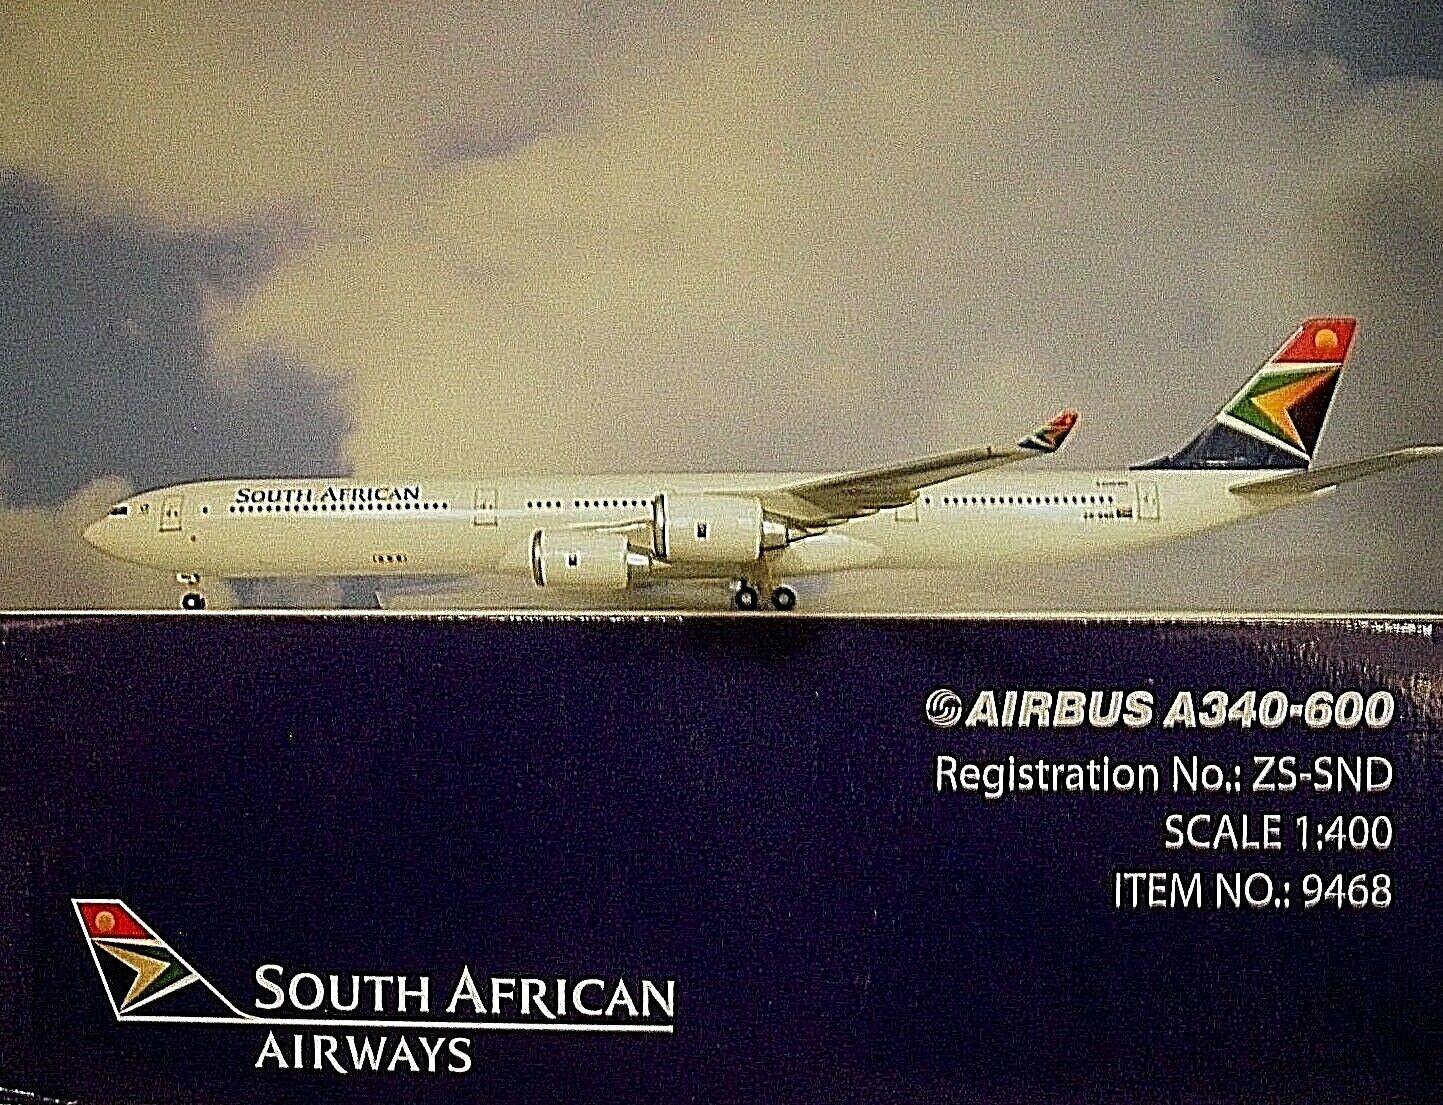 están haciendo actividades de descuento Hogan Wings 1 400 Airbus A340-600 South Africano Africano Africano Vías Respiratorias Zs-Snd  presentando toda la última moda de la calle